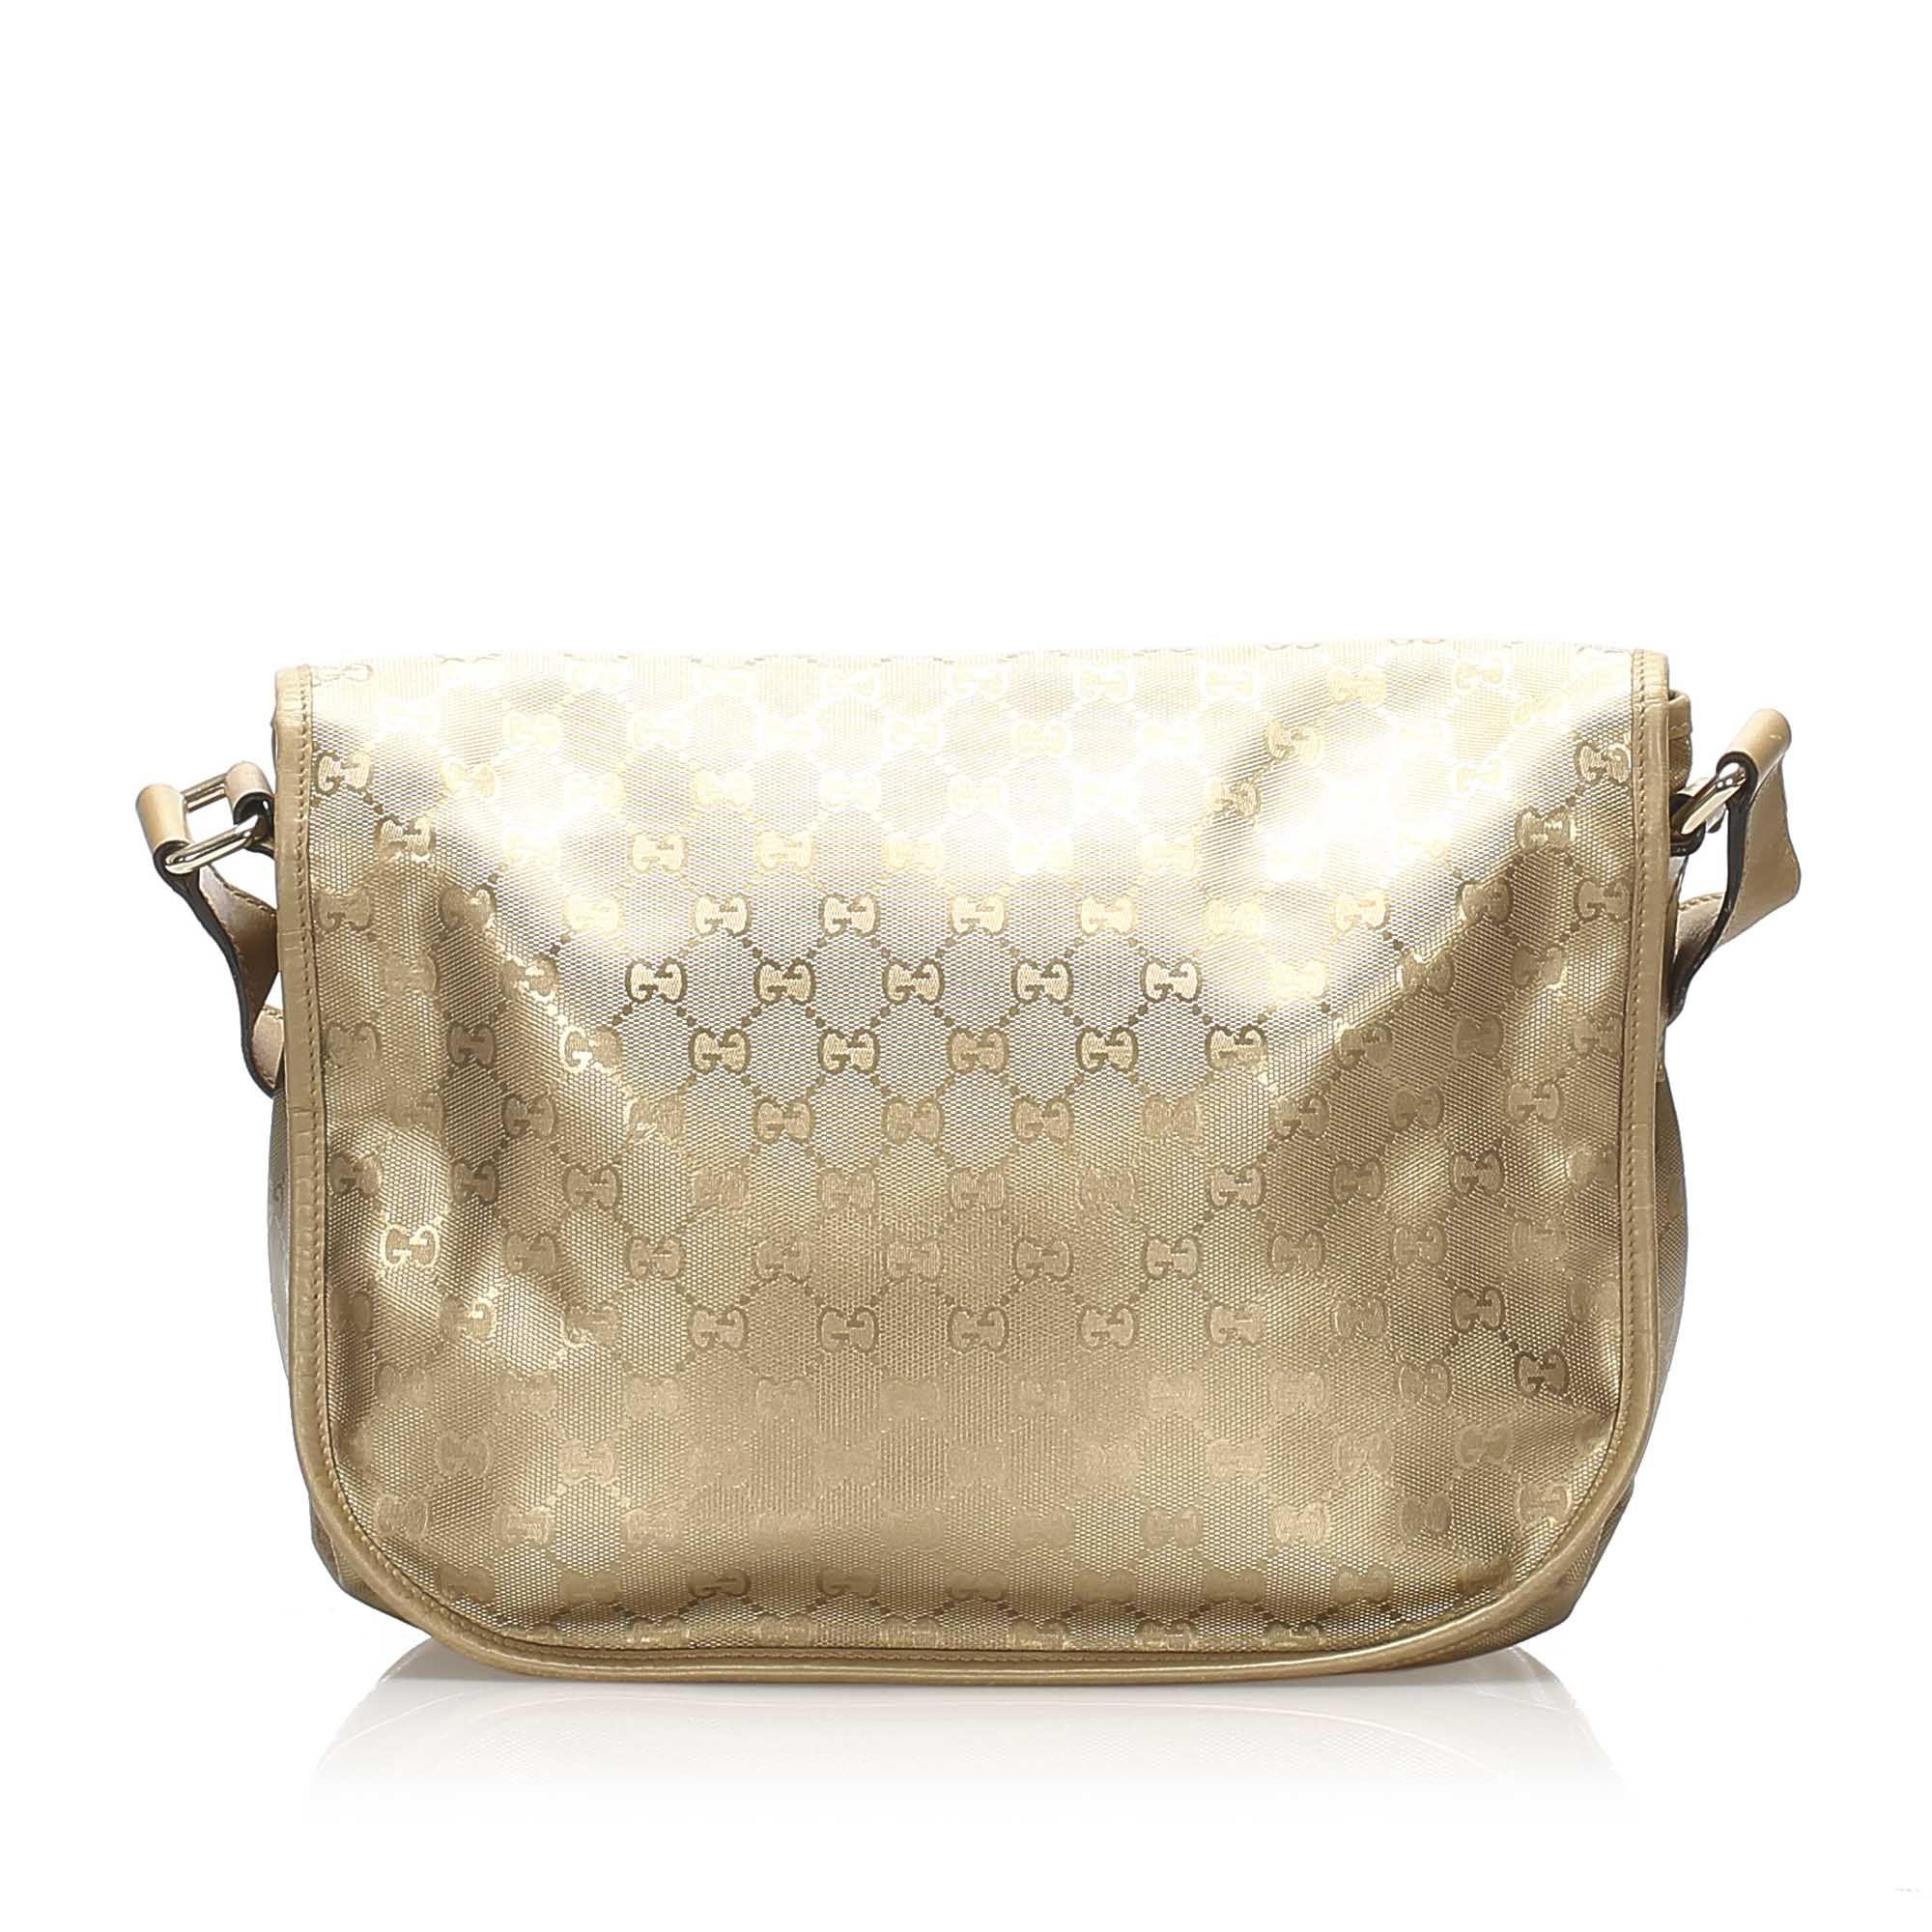 Vintage Gucci GG Imprime Crossbody Bag Gold